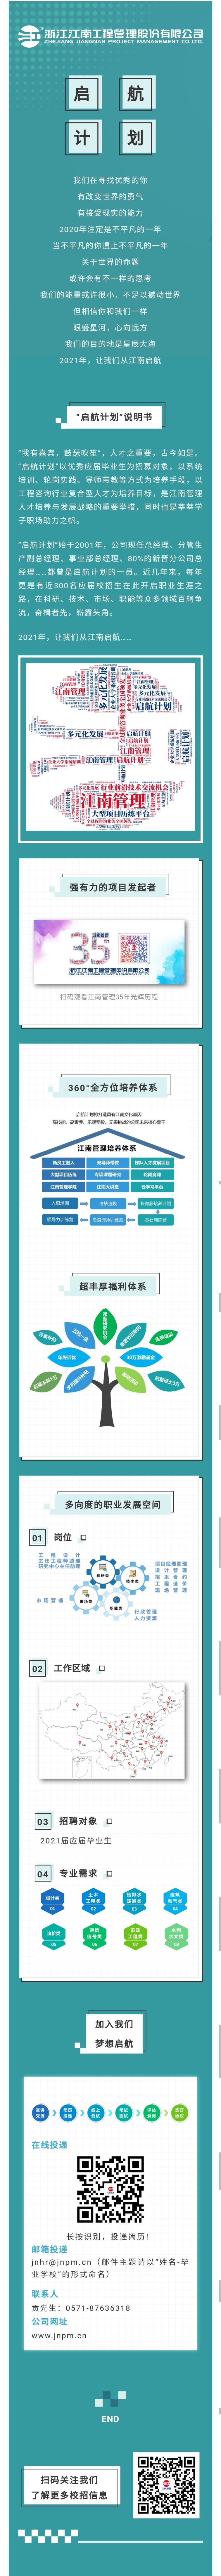 招聘 (2).jpg